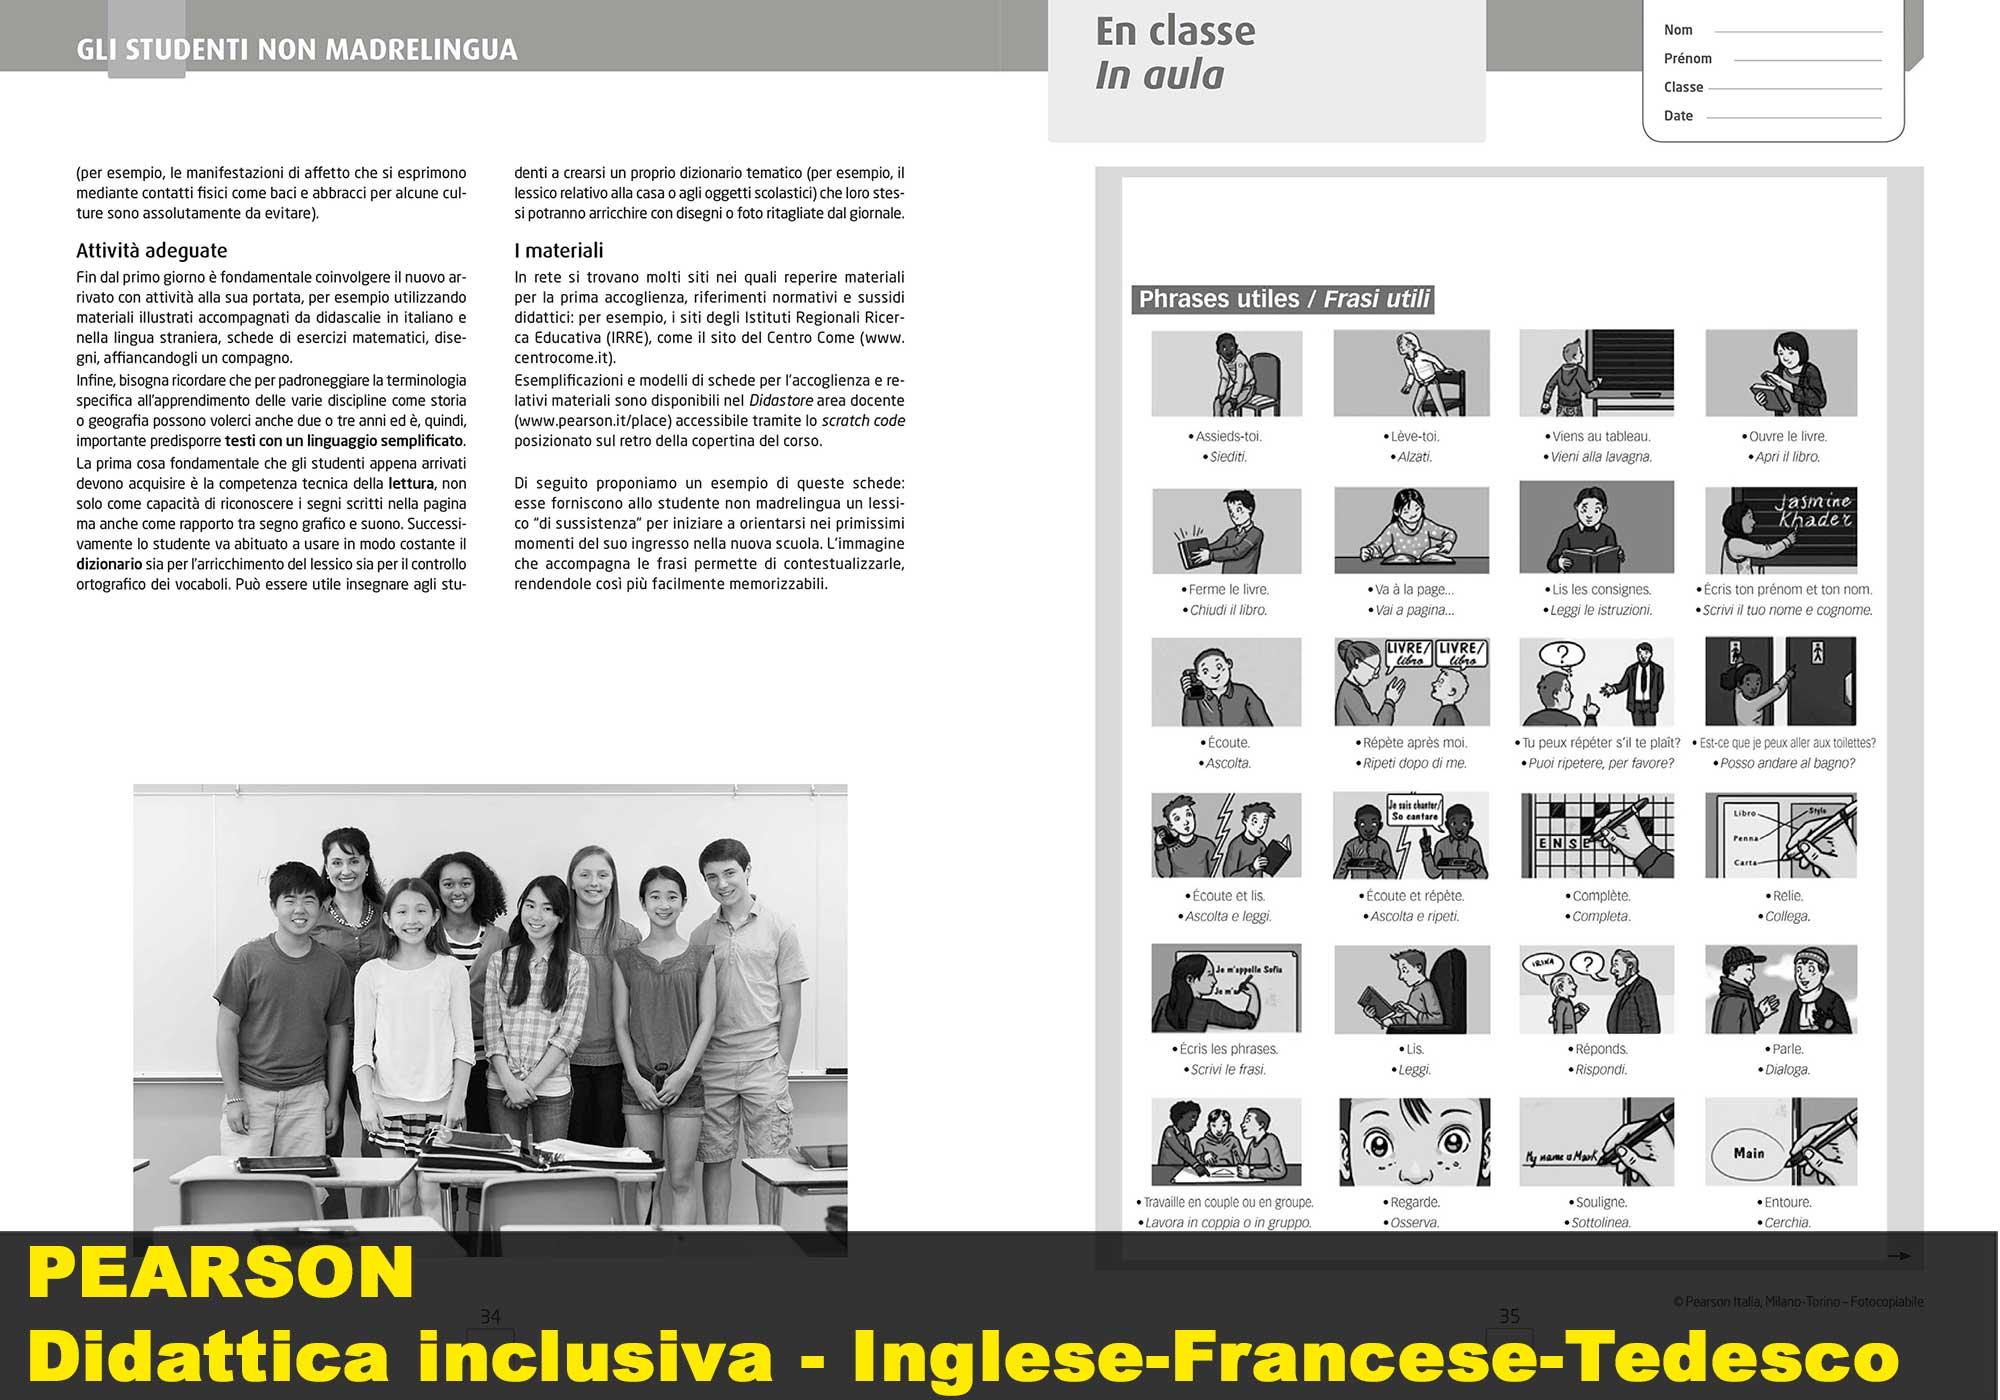 Inglese-Francese-Tedesco